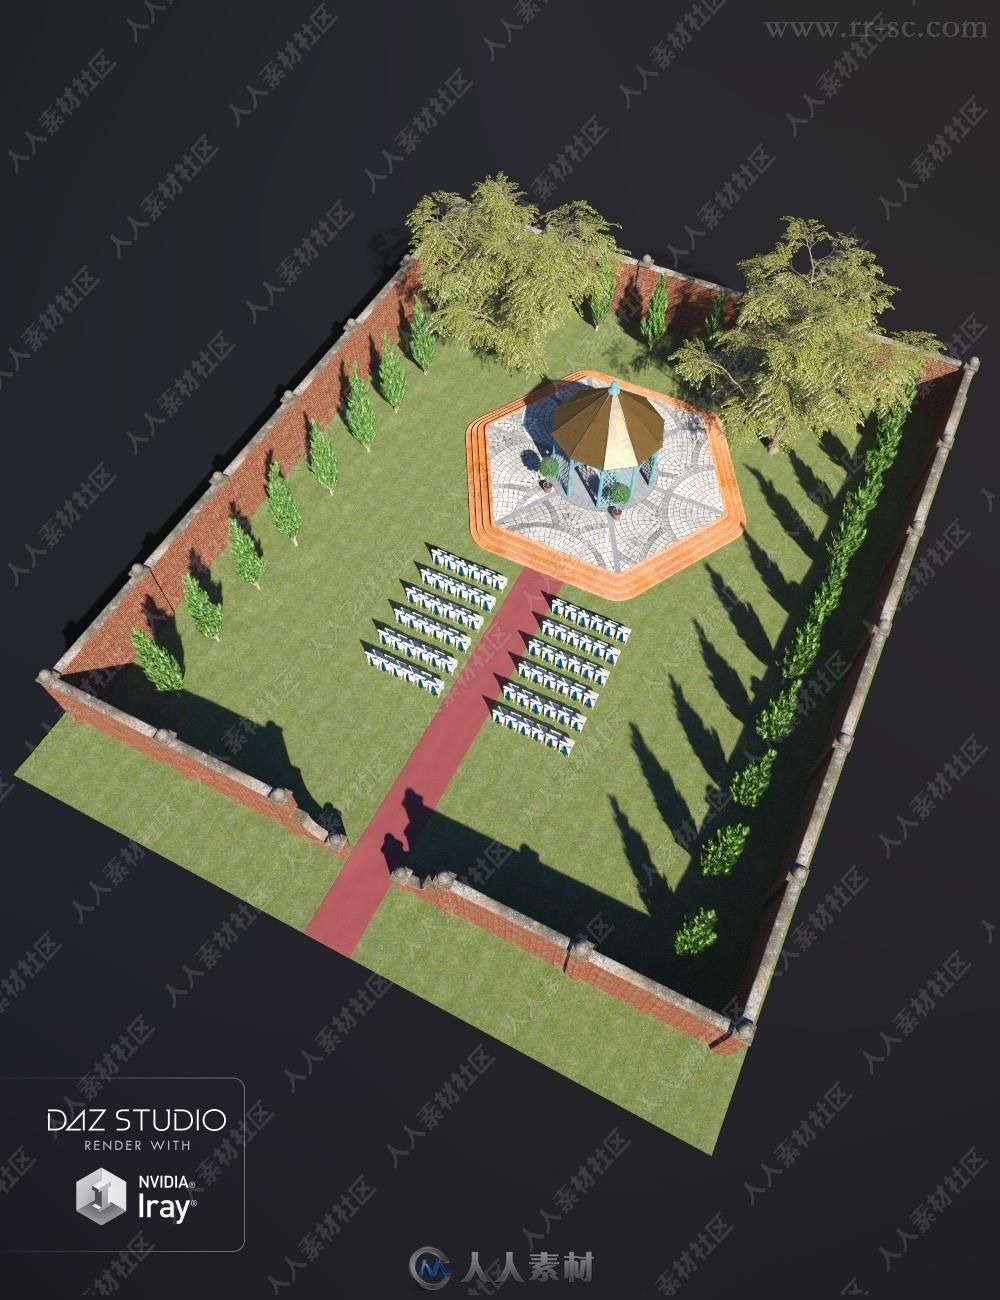 美丽草坪婚礼完整场景模型贴图素材